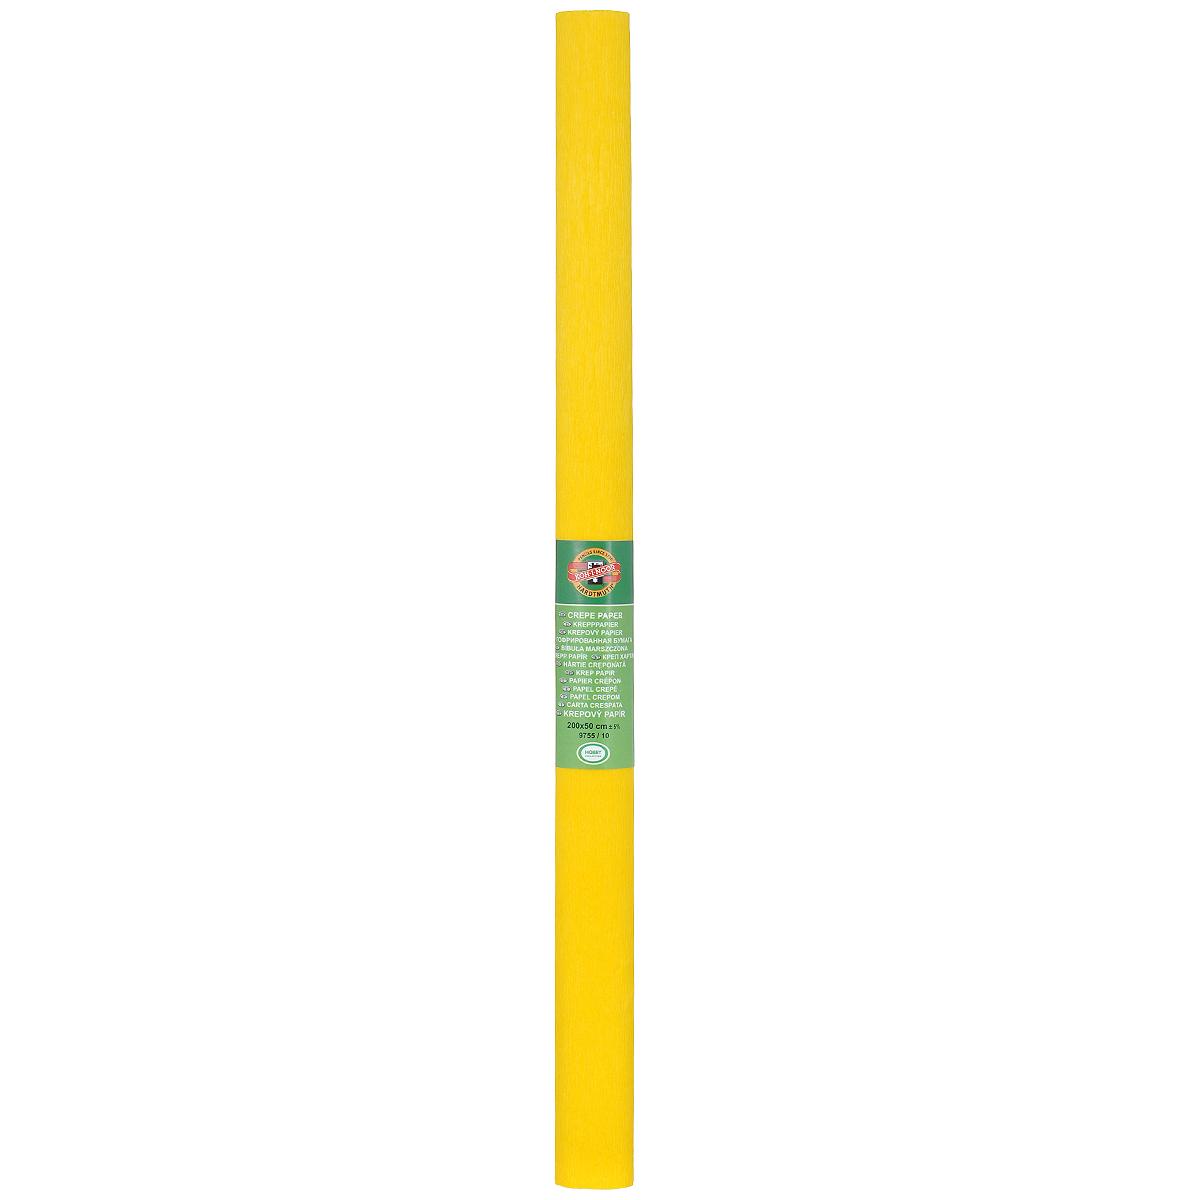 Бумага гофрированная Koh-I-Noor, цвет: темно-желтый, 50 см x 2 м7701648_07 ультрамаринГофрированная бумага Koh-I-Noor - прекрасный материал для декорирования, изготовления эффектной упаковки и различных поделок. Бумага прекрасно держит форму, не пачкает руки, отлично крепится и замечательно подходит для изготовления праздничной упаковки для цветов.